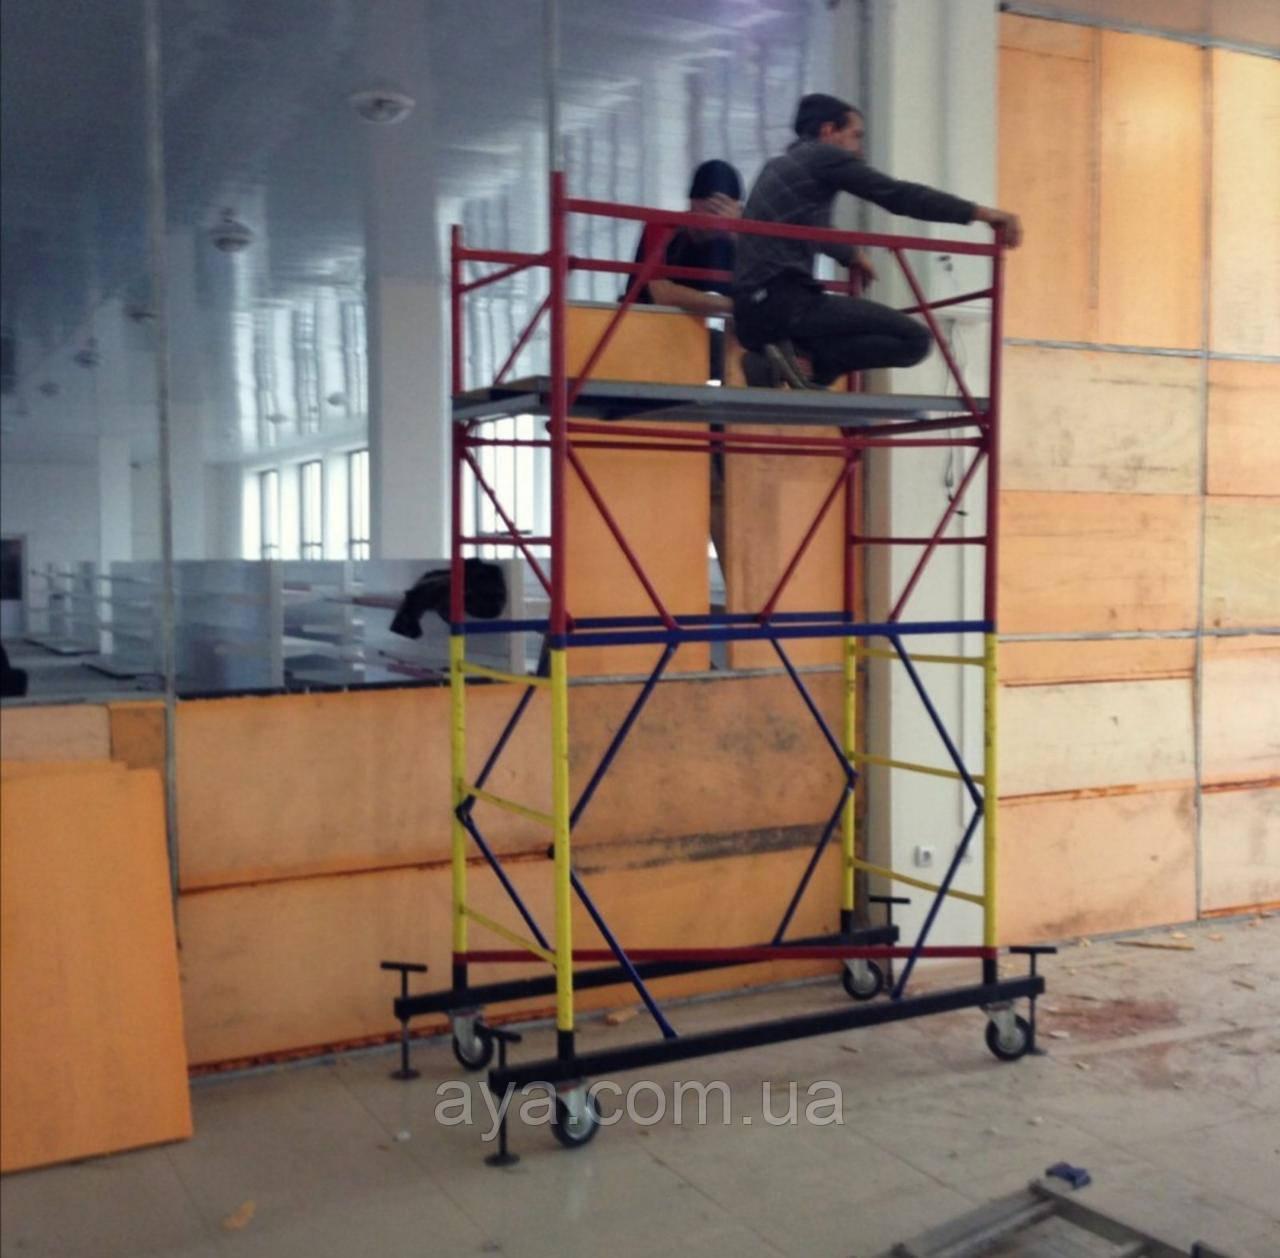 Вышка тура строительная ВСП 1.7 х 0.8 м 2+1